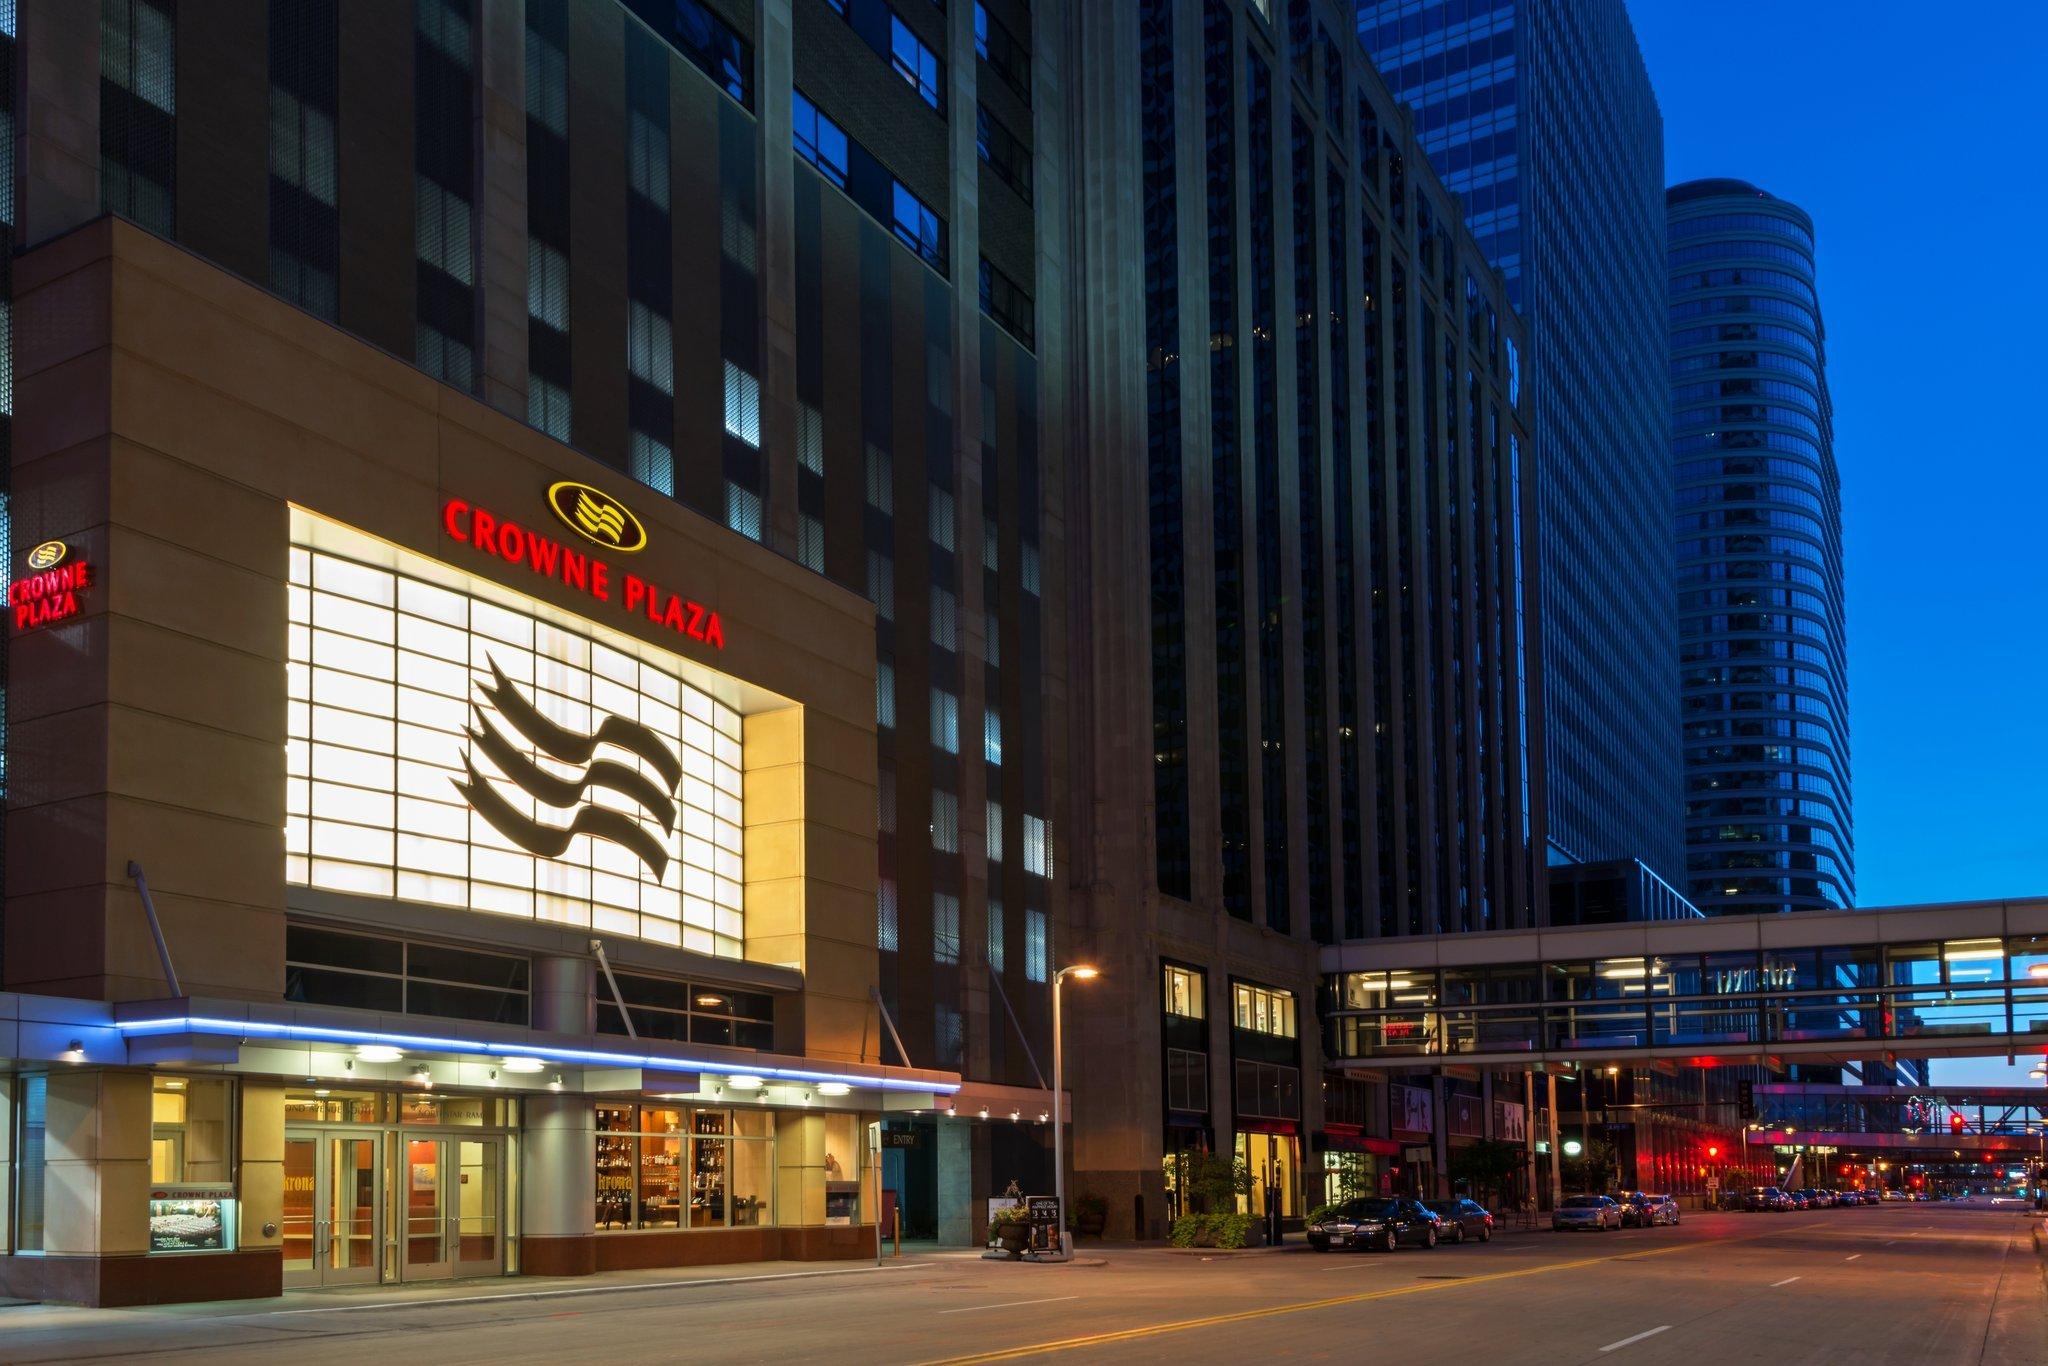 明尼阿波利斯市區(北極星購物中心)皇冠假日飯店